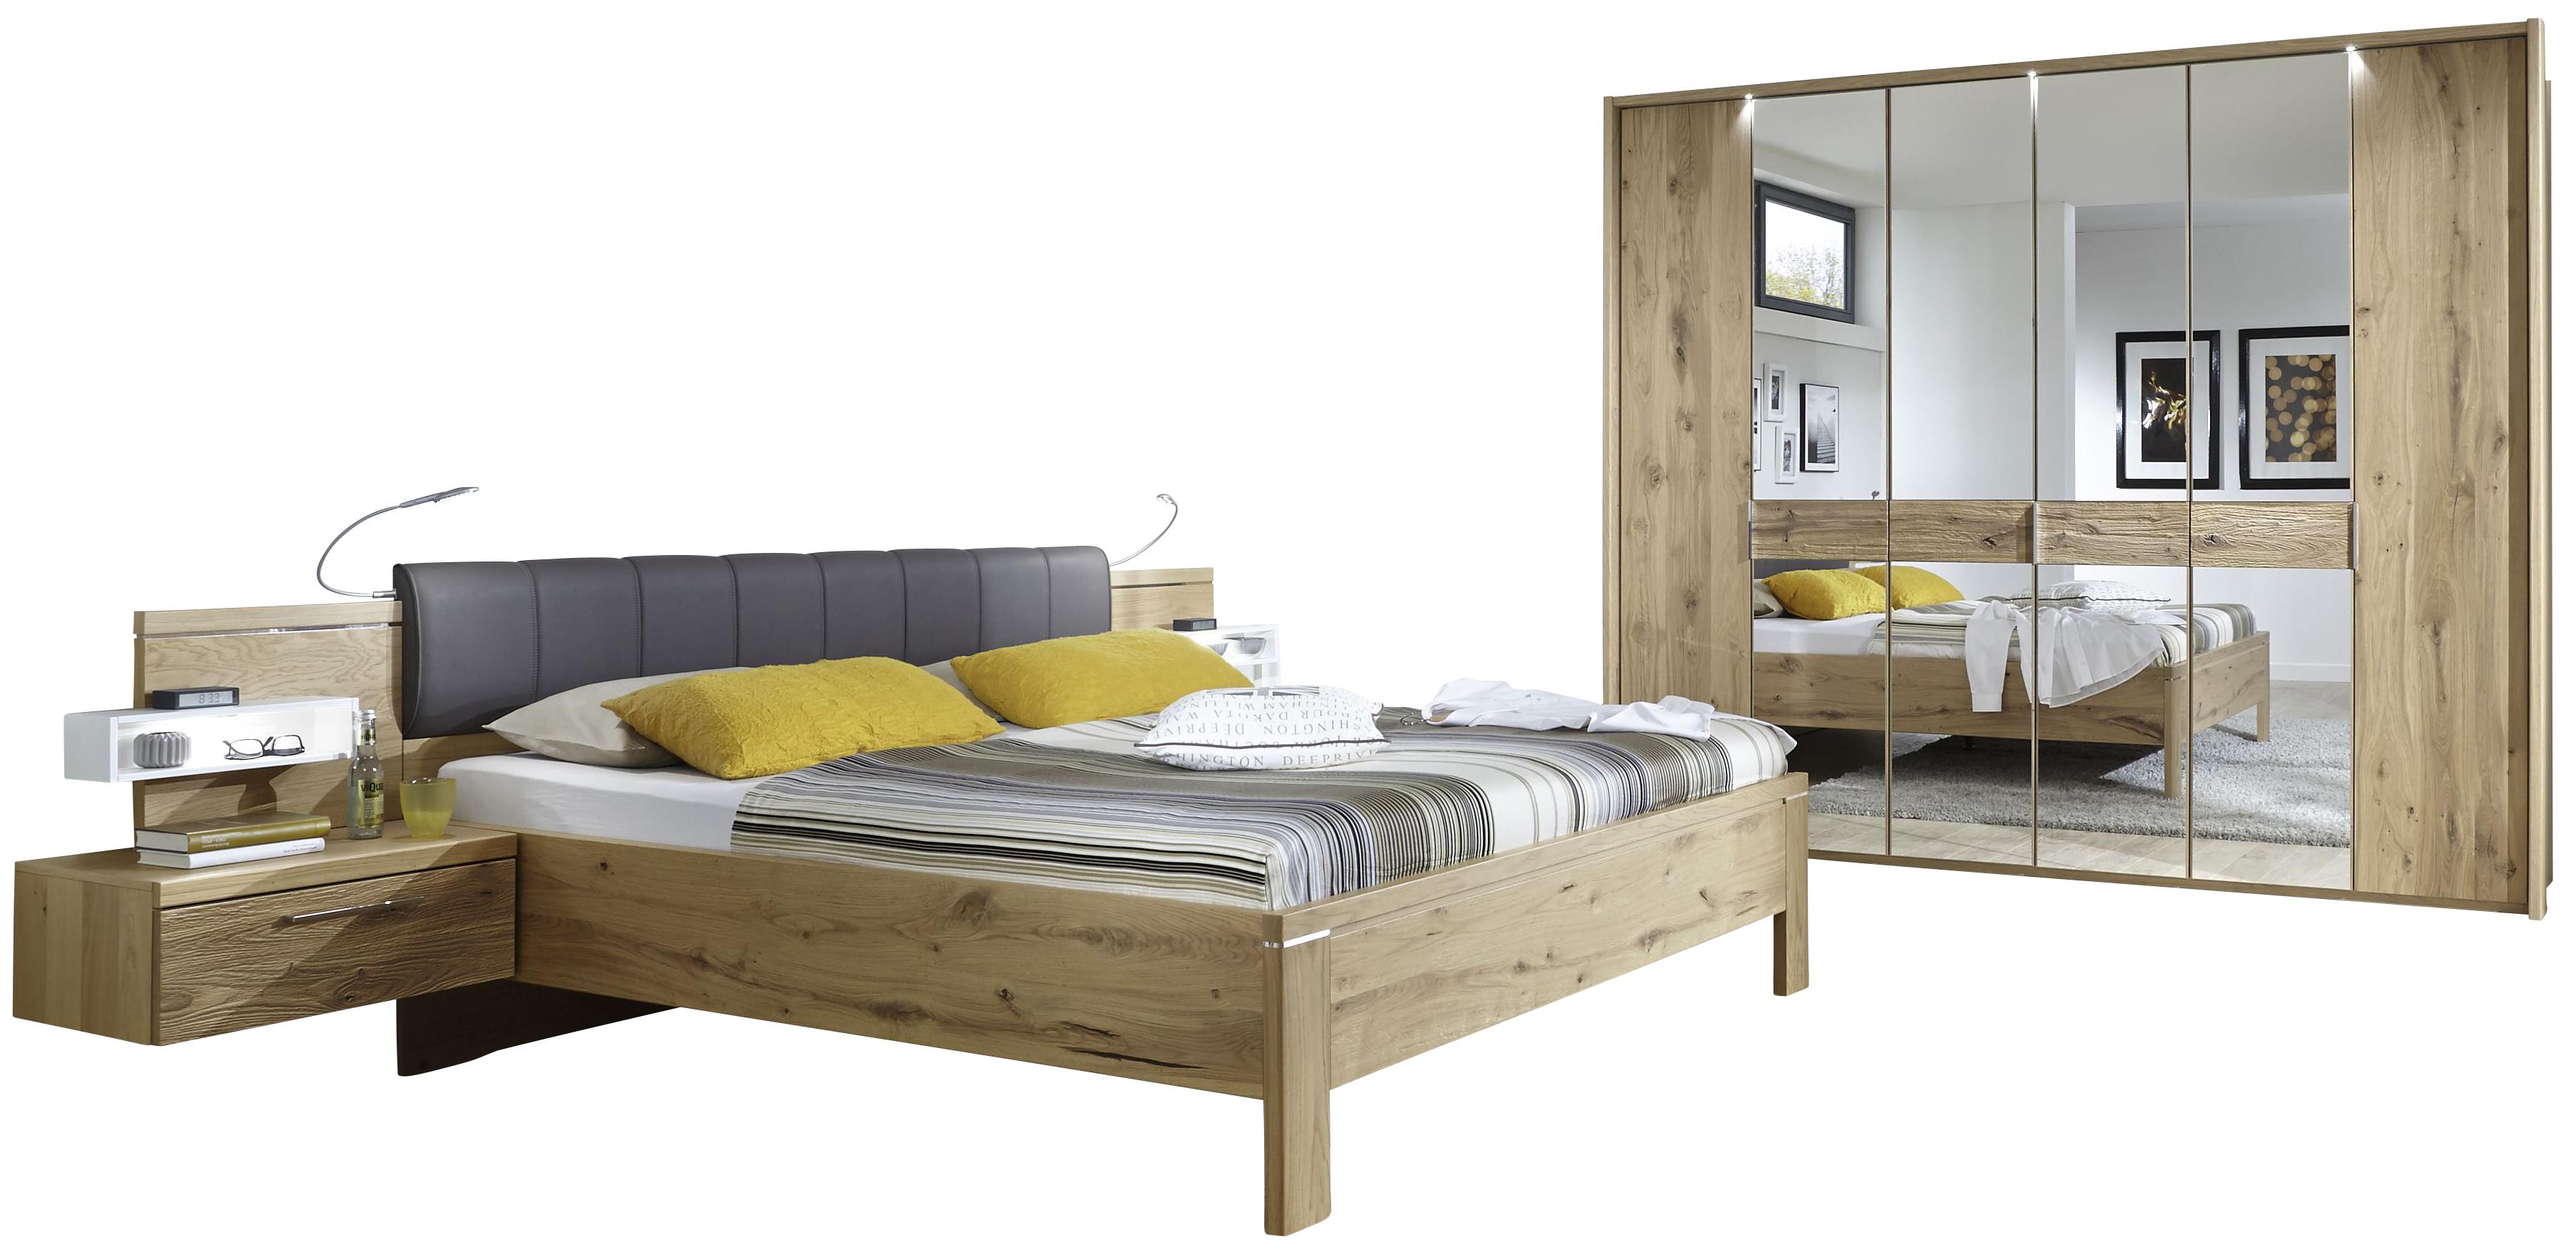 schlafzimmer in balkeneiche m belhaus pohl wilhelmshaven friesland m belhaus pohl gmbh. Black Bedroom Furniture Sets. Home Design Ideas